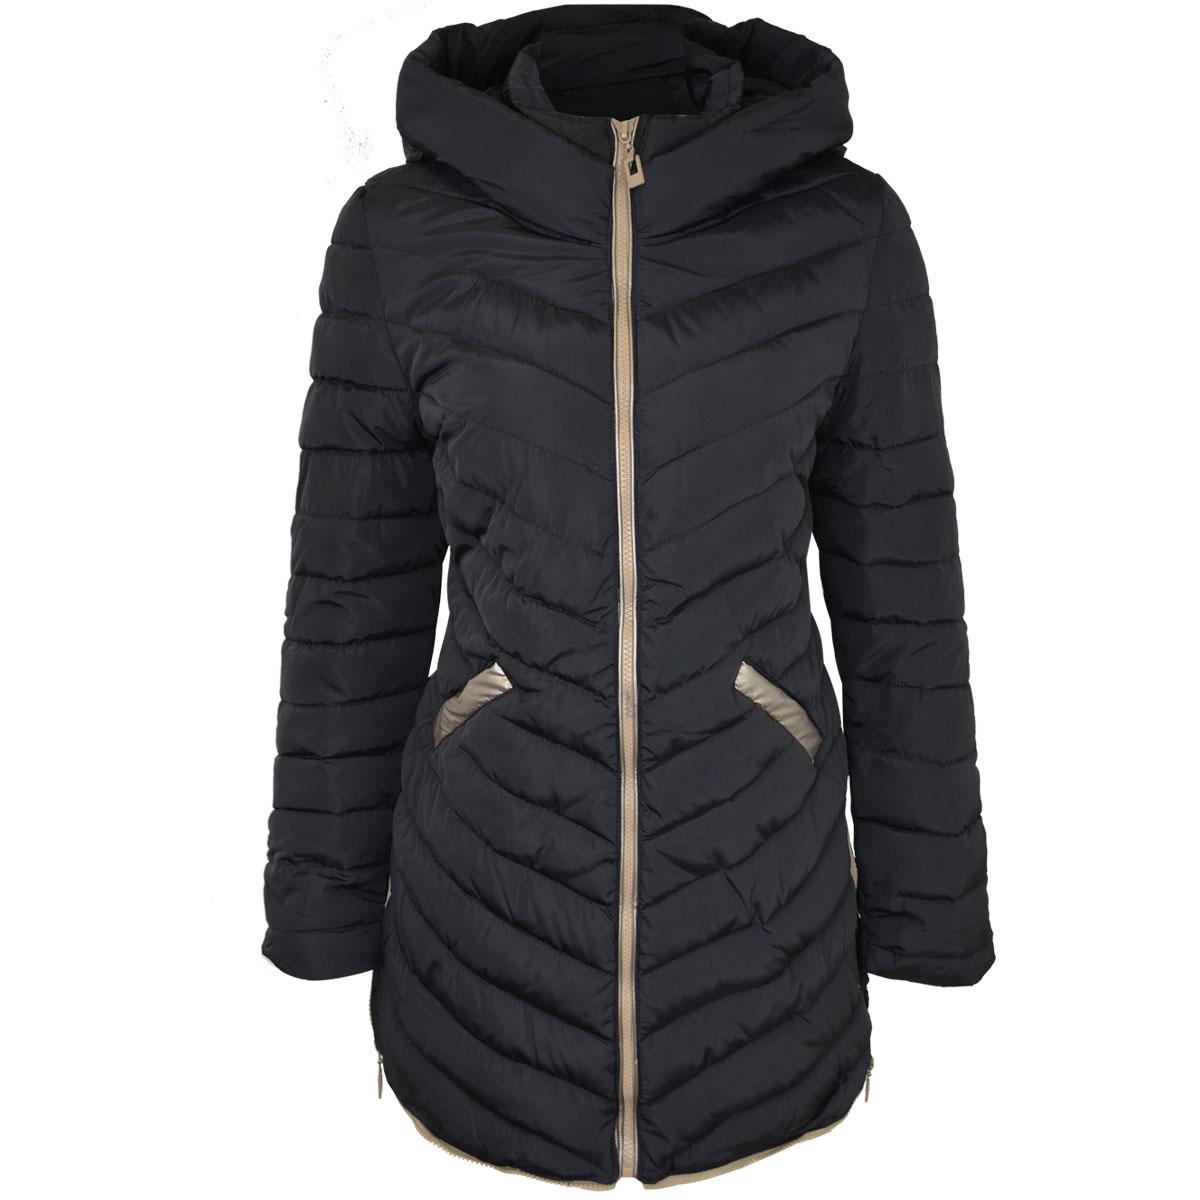 Womens size coats